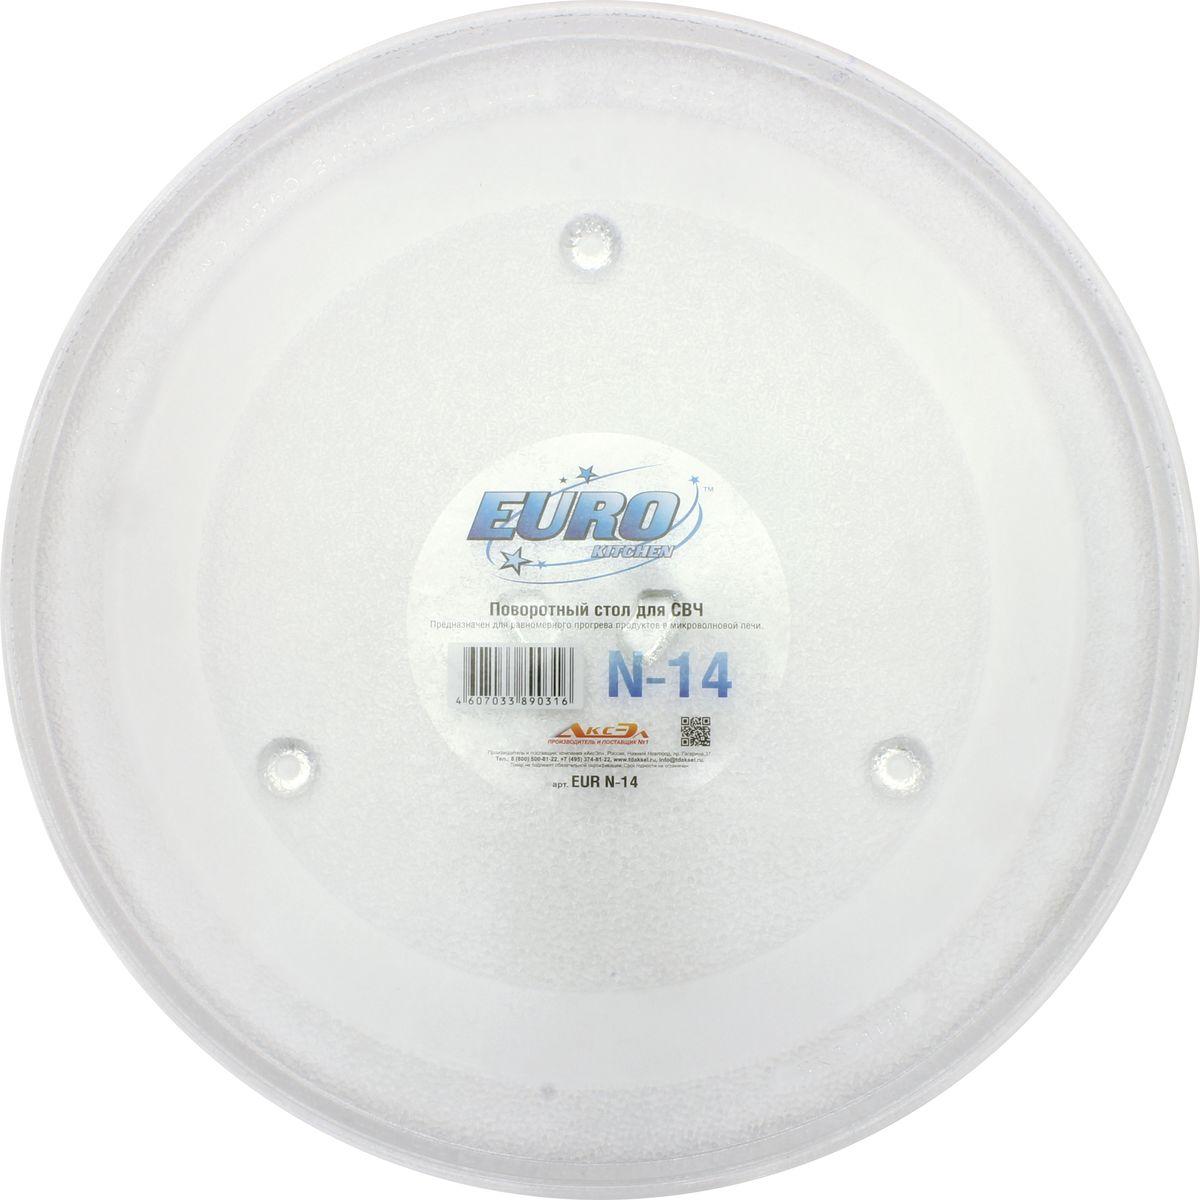 Euro Kitchen N-14 тарелка для СВЧ